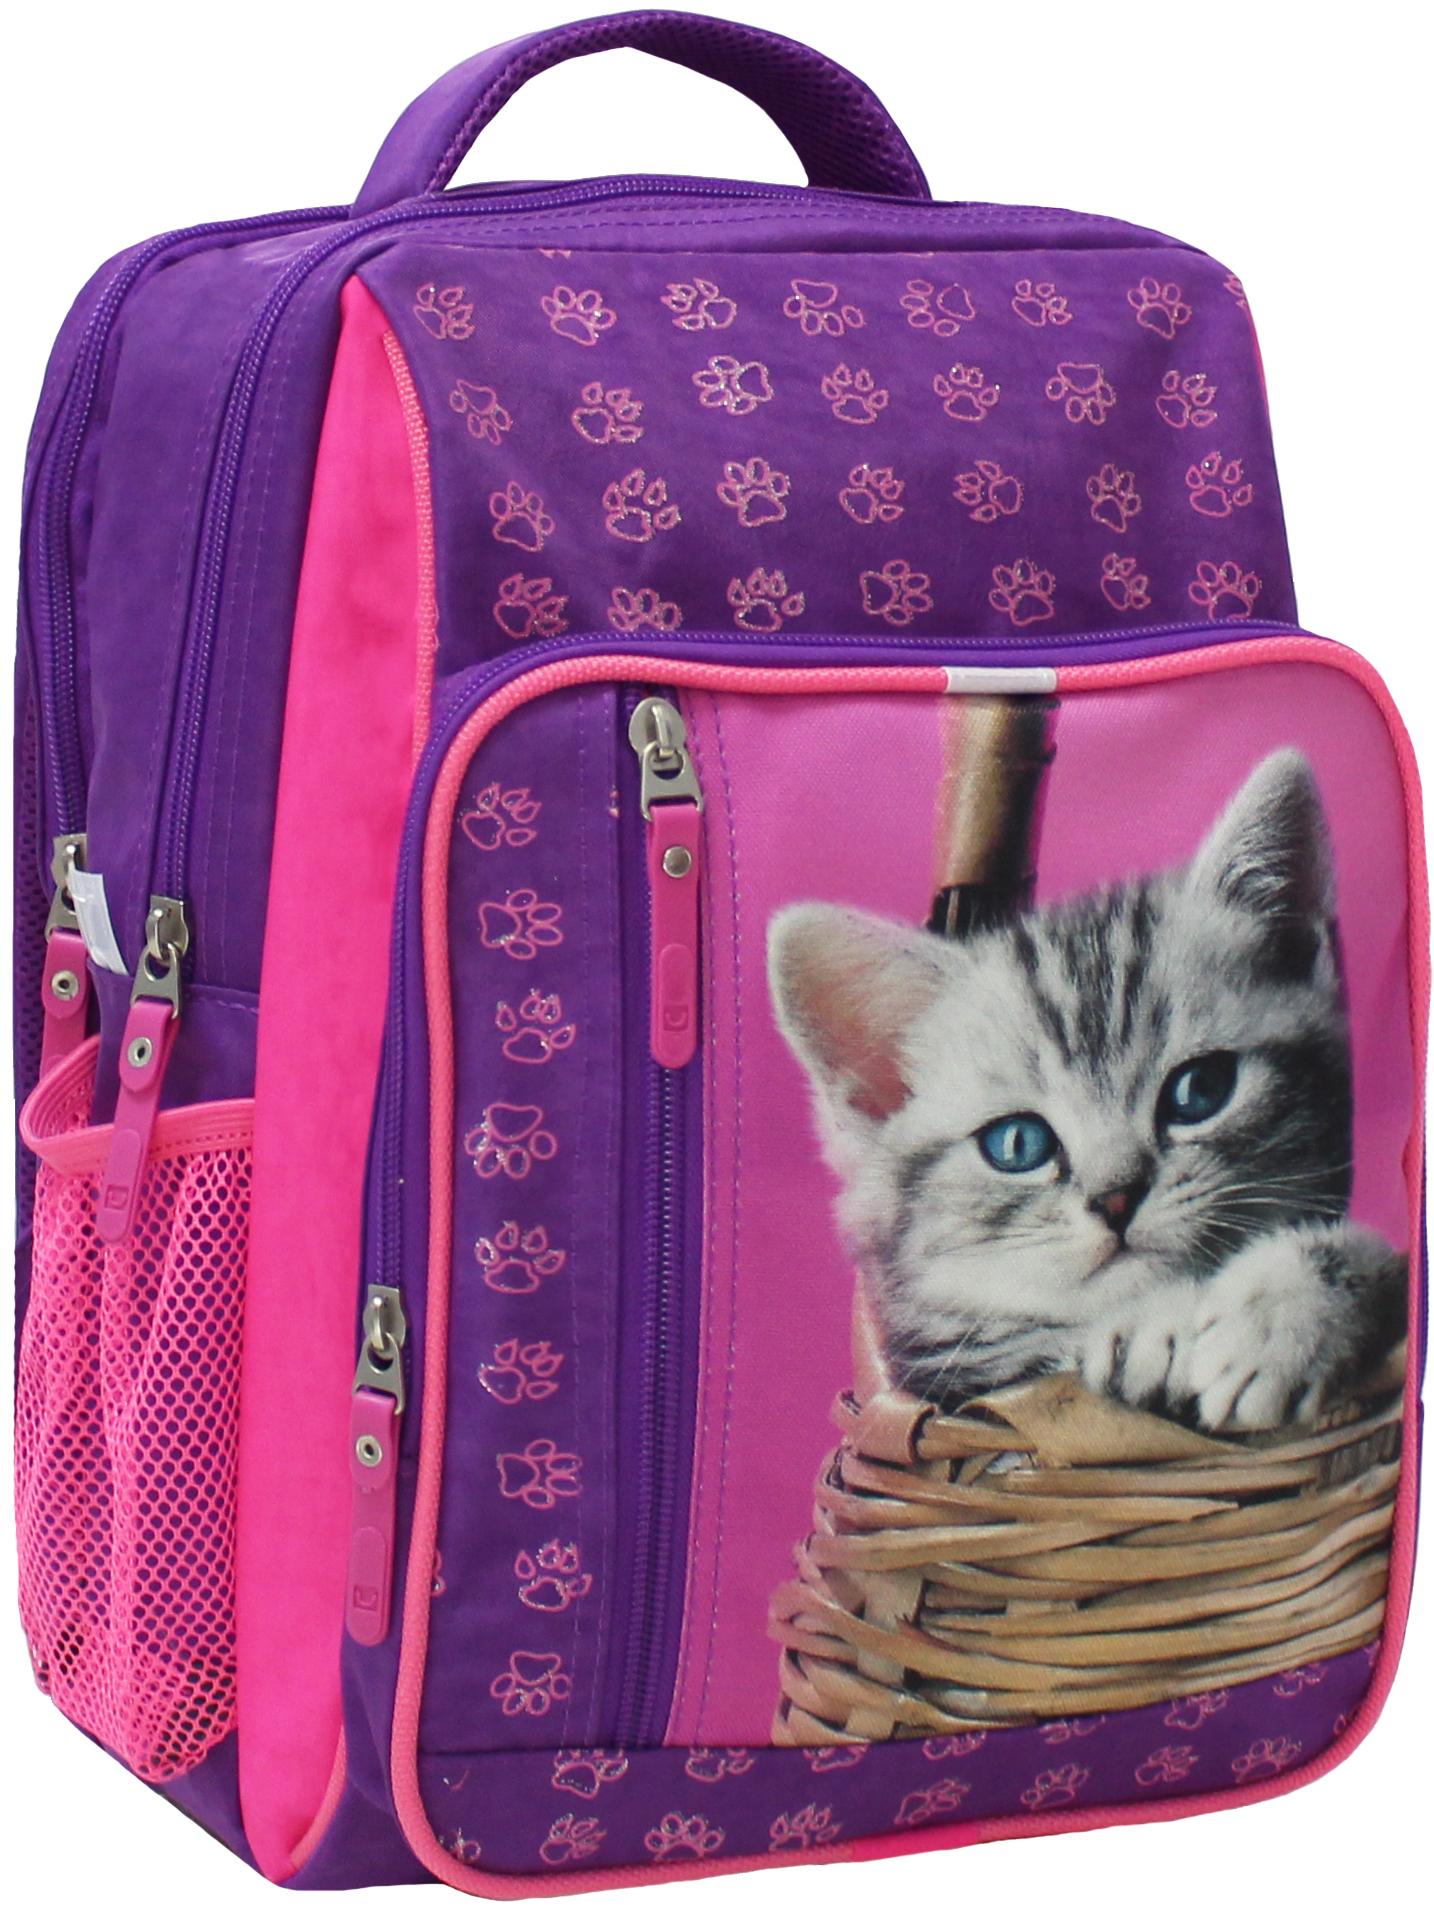 Школьные рюкзаки Рюкзак школьный Bagland Школьник 8 л. 339 фiолетовий 58 д (00112702) IMG_5266.JPG